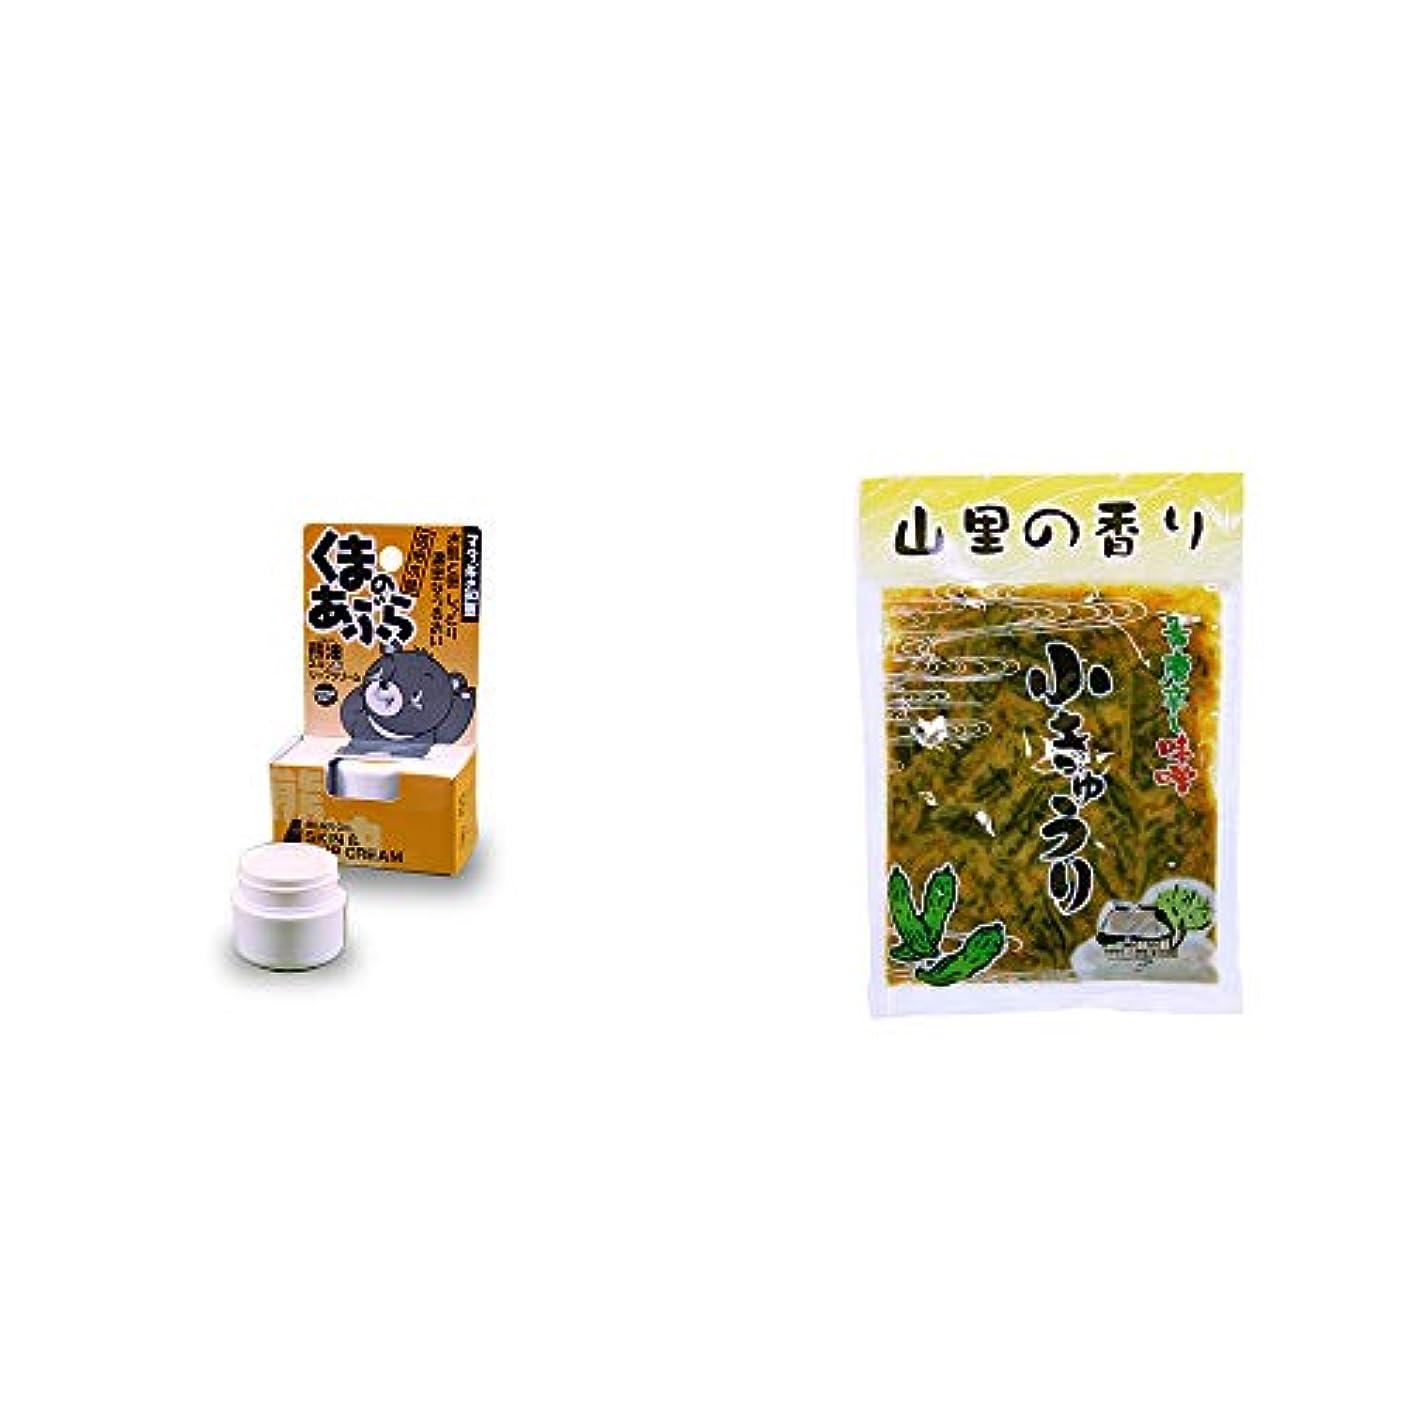 ライフルベストコミュニケーション[2点セット] 信州木曽 くまのあぶら 熊油スキン&リップクリーム(9g)?山里の香り 青唐辛し味噌 小きゅうり(250g)